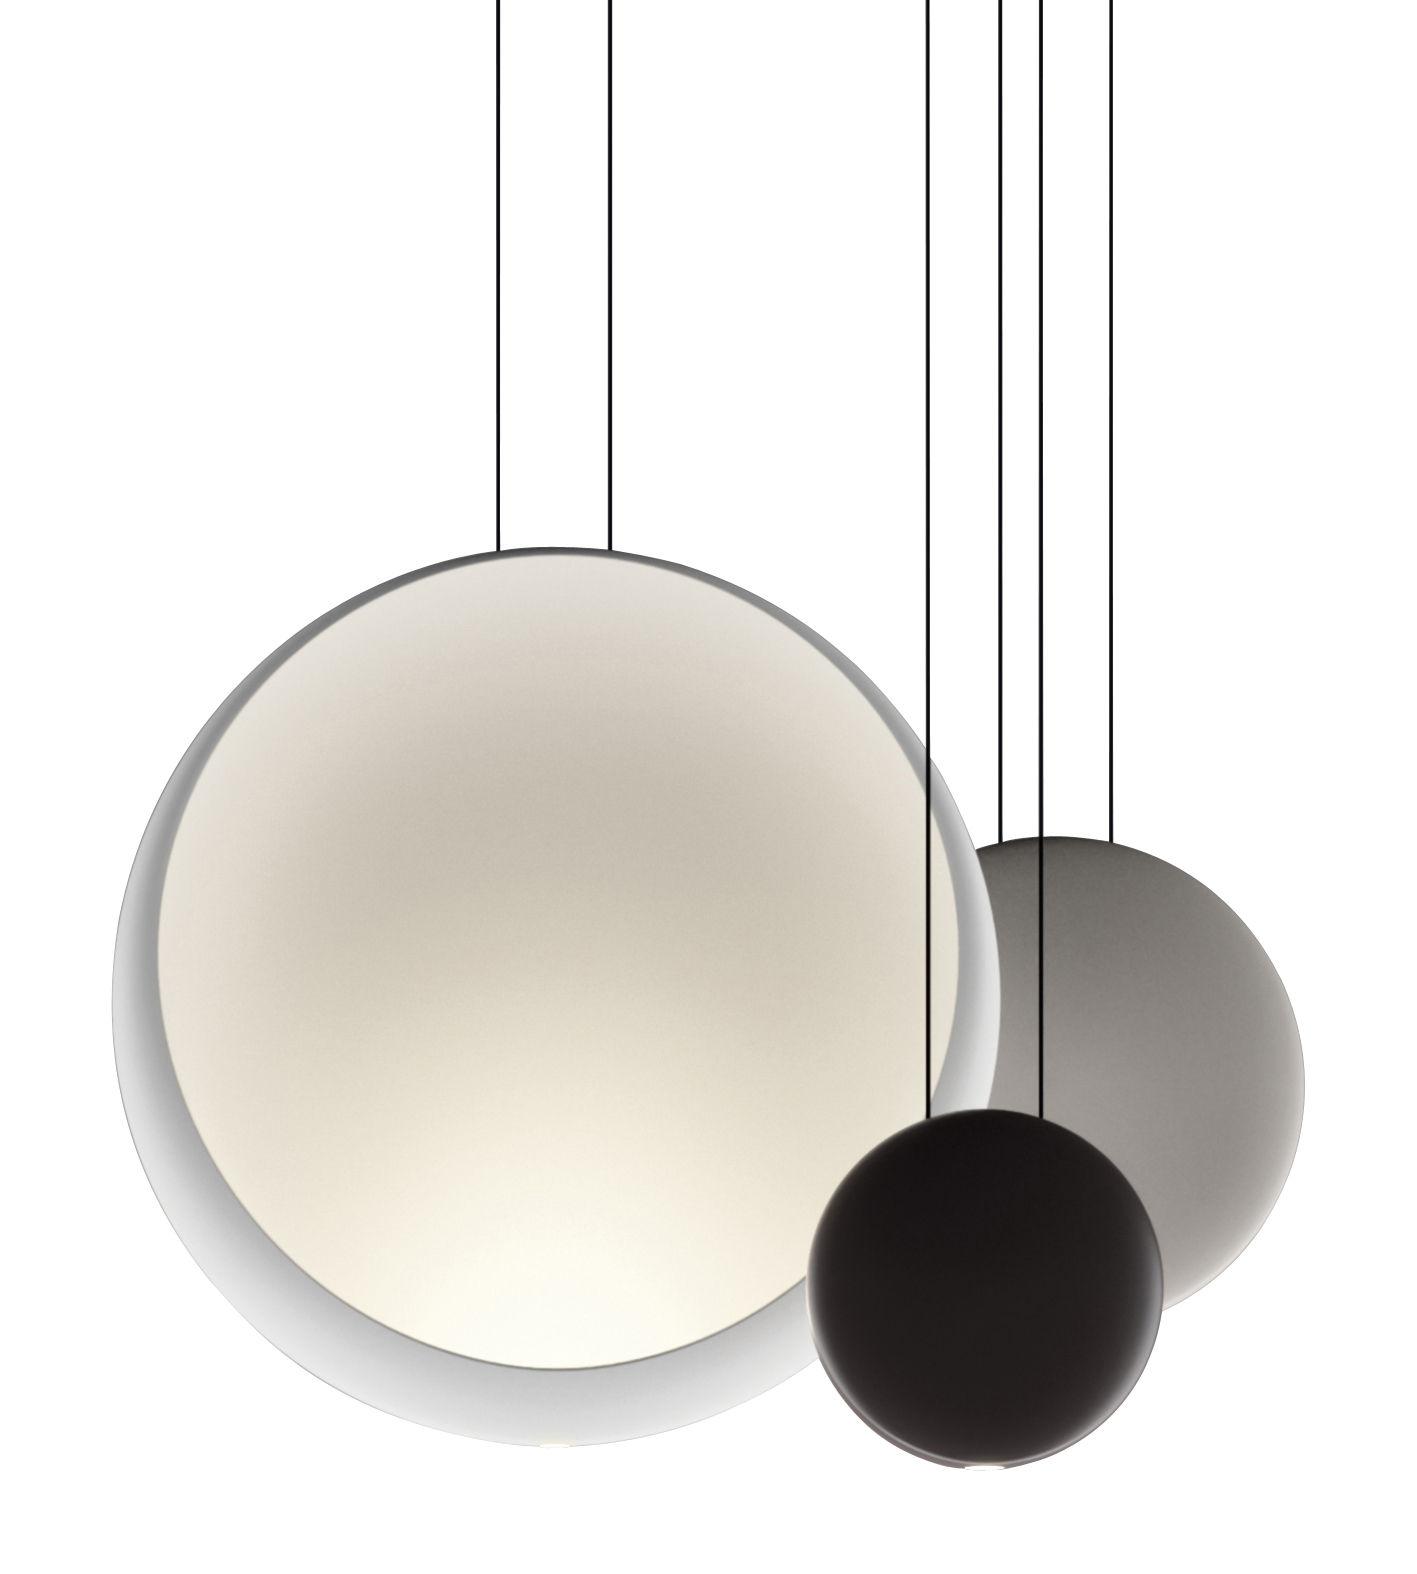 Luminaire - Suspensions - Suspension Cosmos LED / Set de 3 suspensions - L 65 cm - Vibia - Blanc Ø48 / Gris Ø27 / Chocolat Ø19 - Polycarbonate